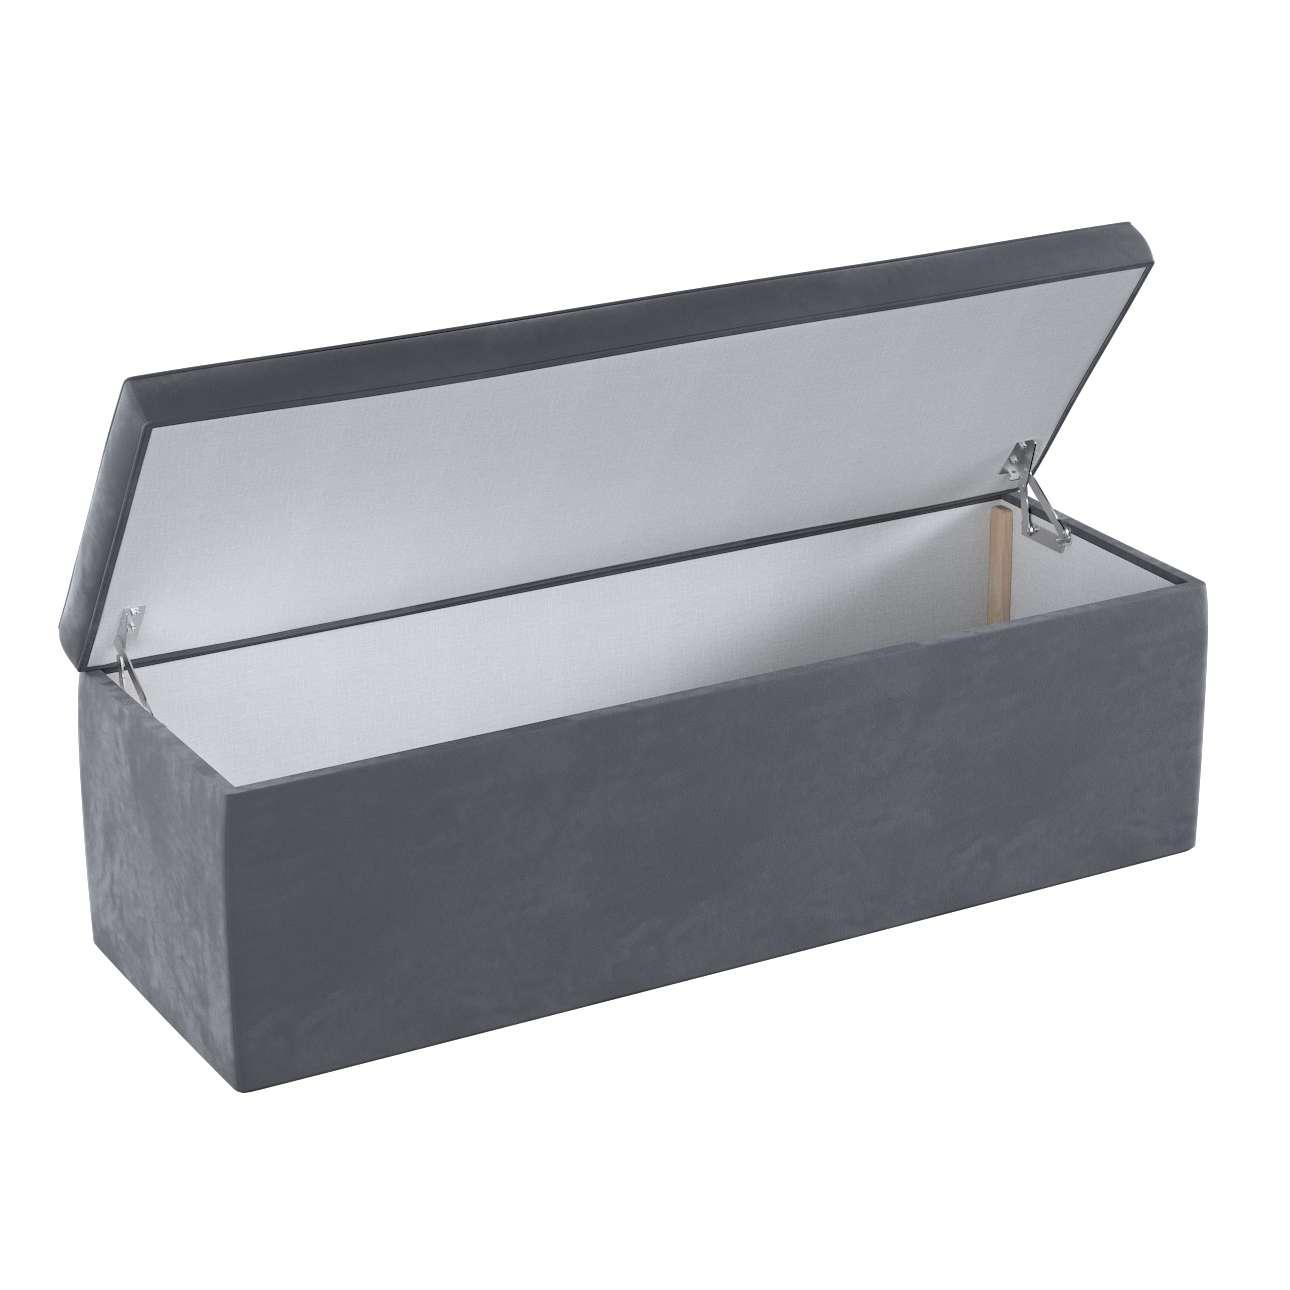 Čalouněná skříň s volbou látky - 2 velikosti v kolekci Velvet, látka: 704-12